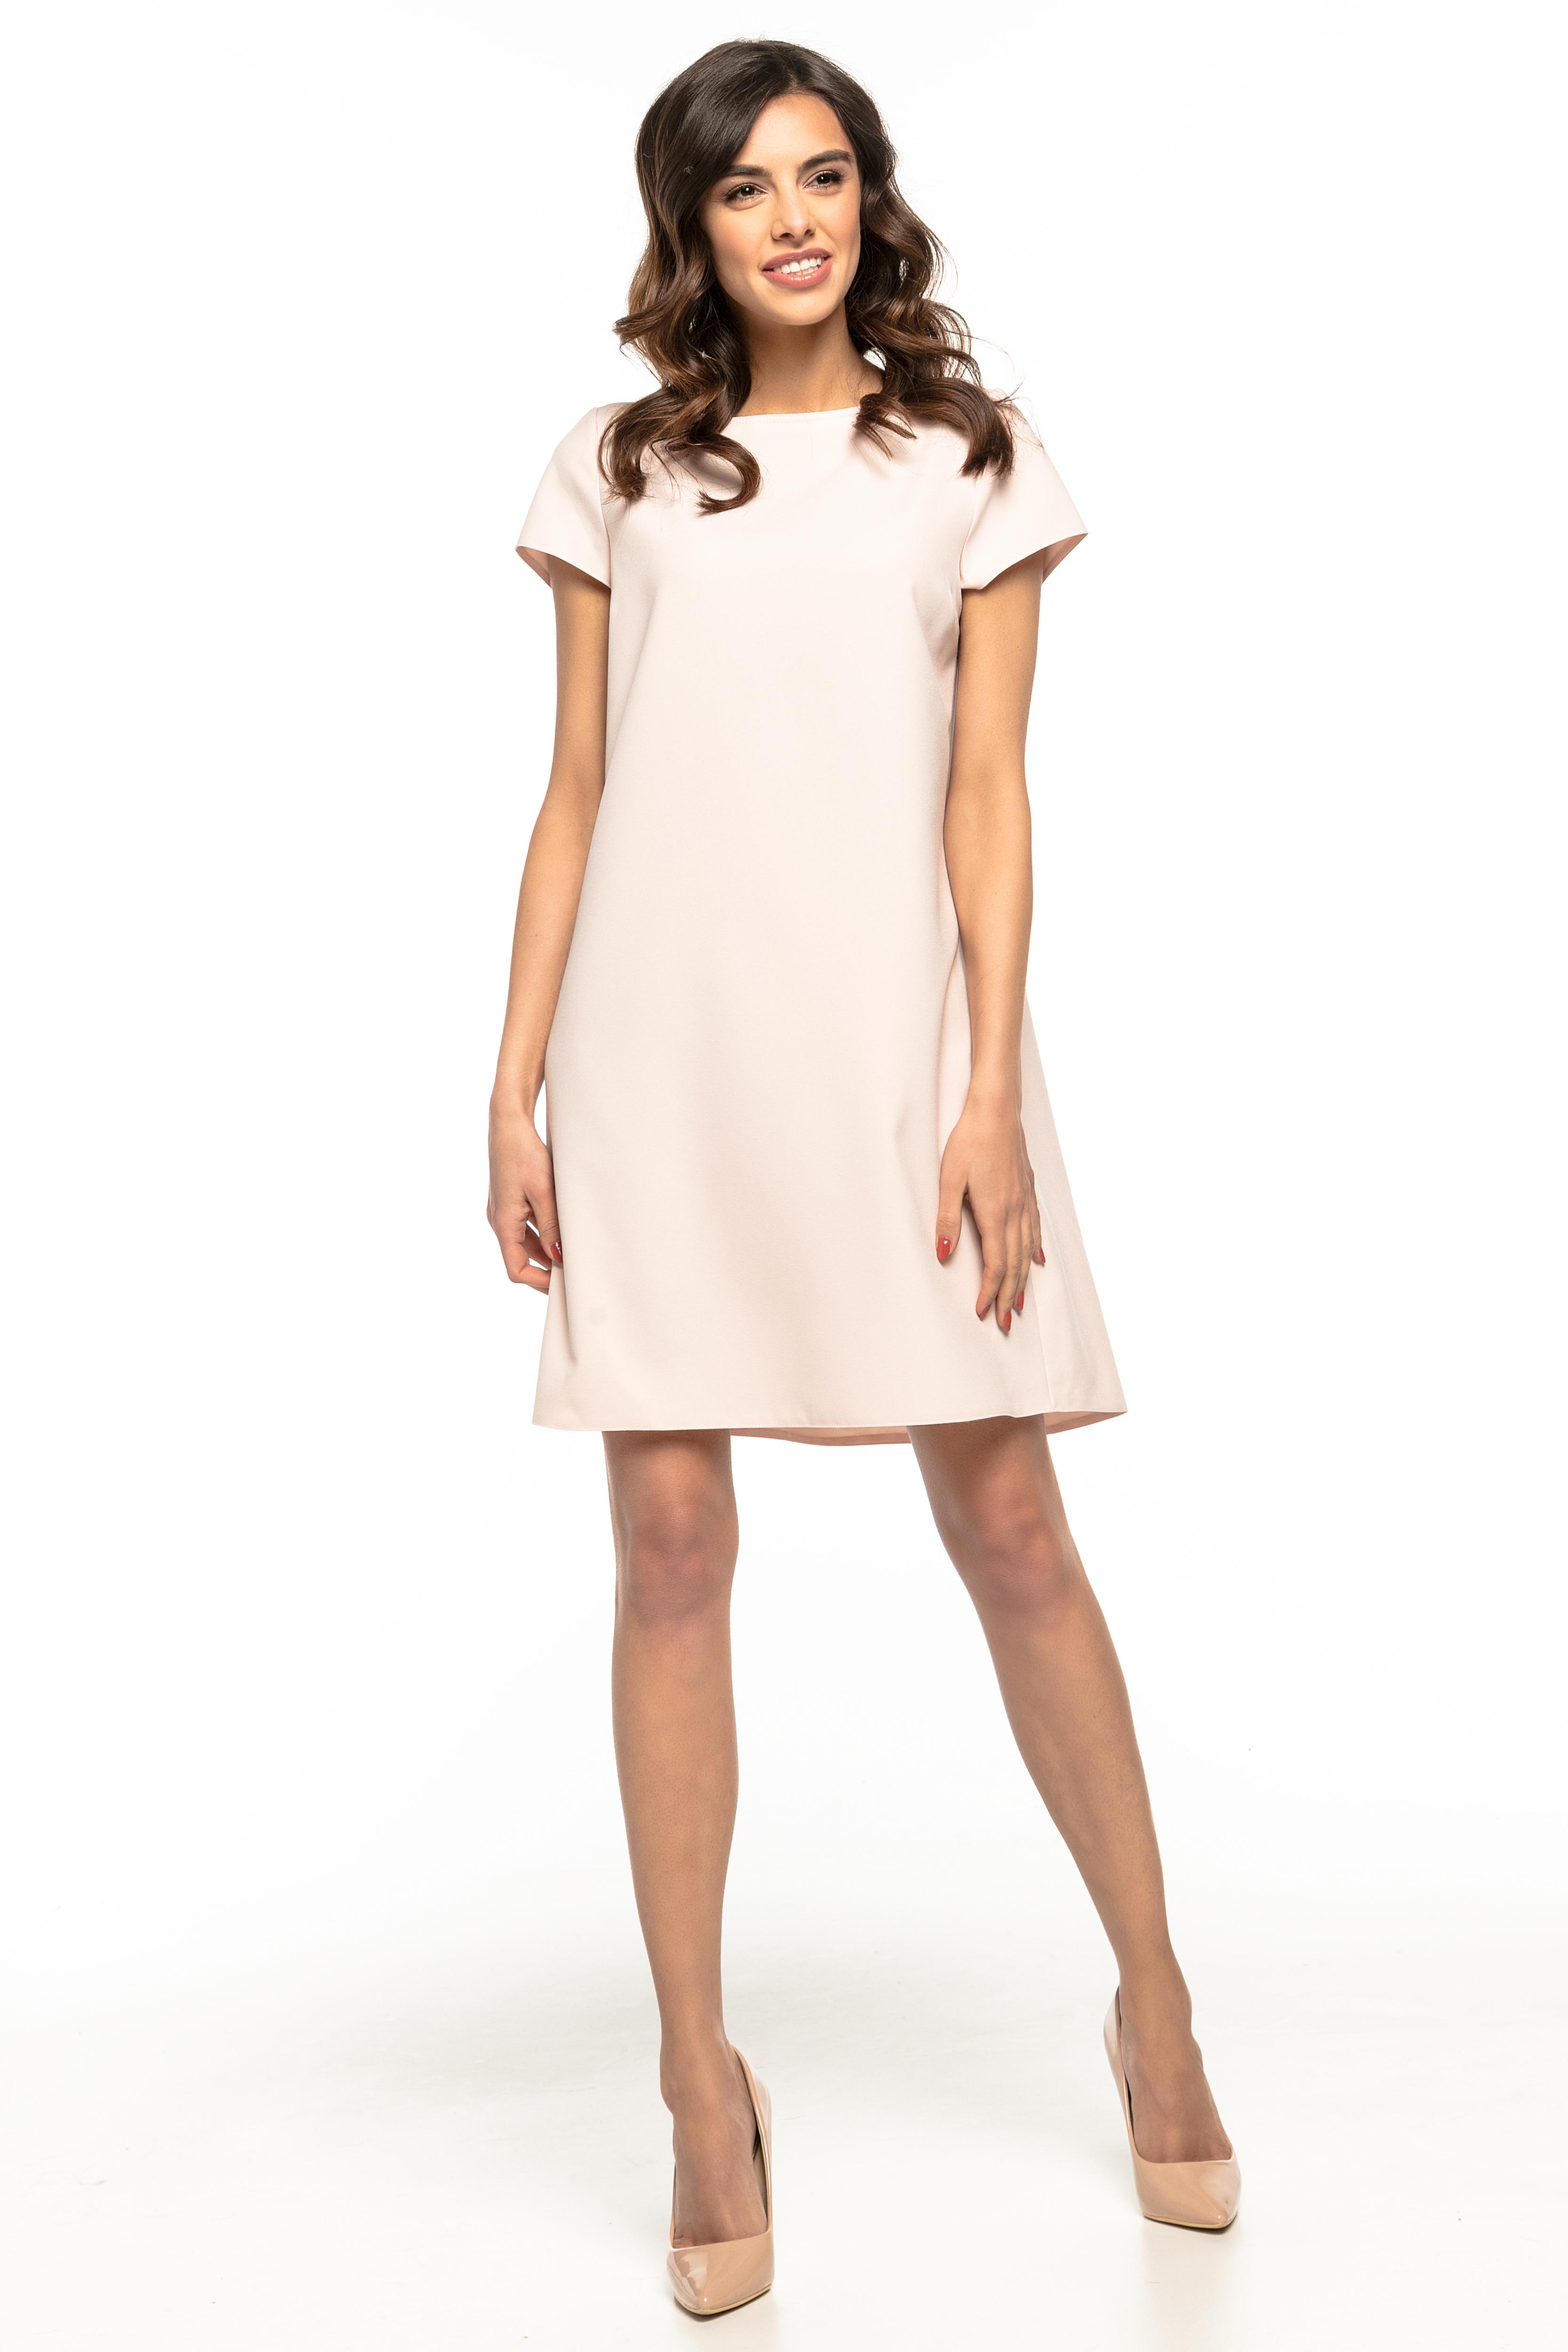 1fffaa5b6b Sukienka trapezowa elegancka różowa - tania dostawa już od 5